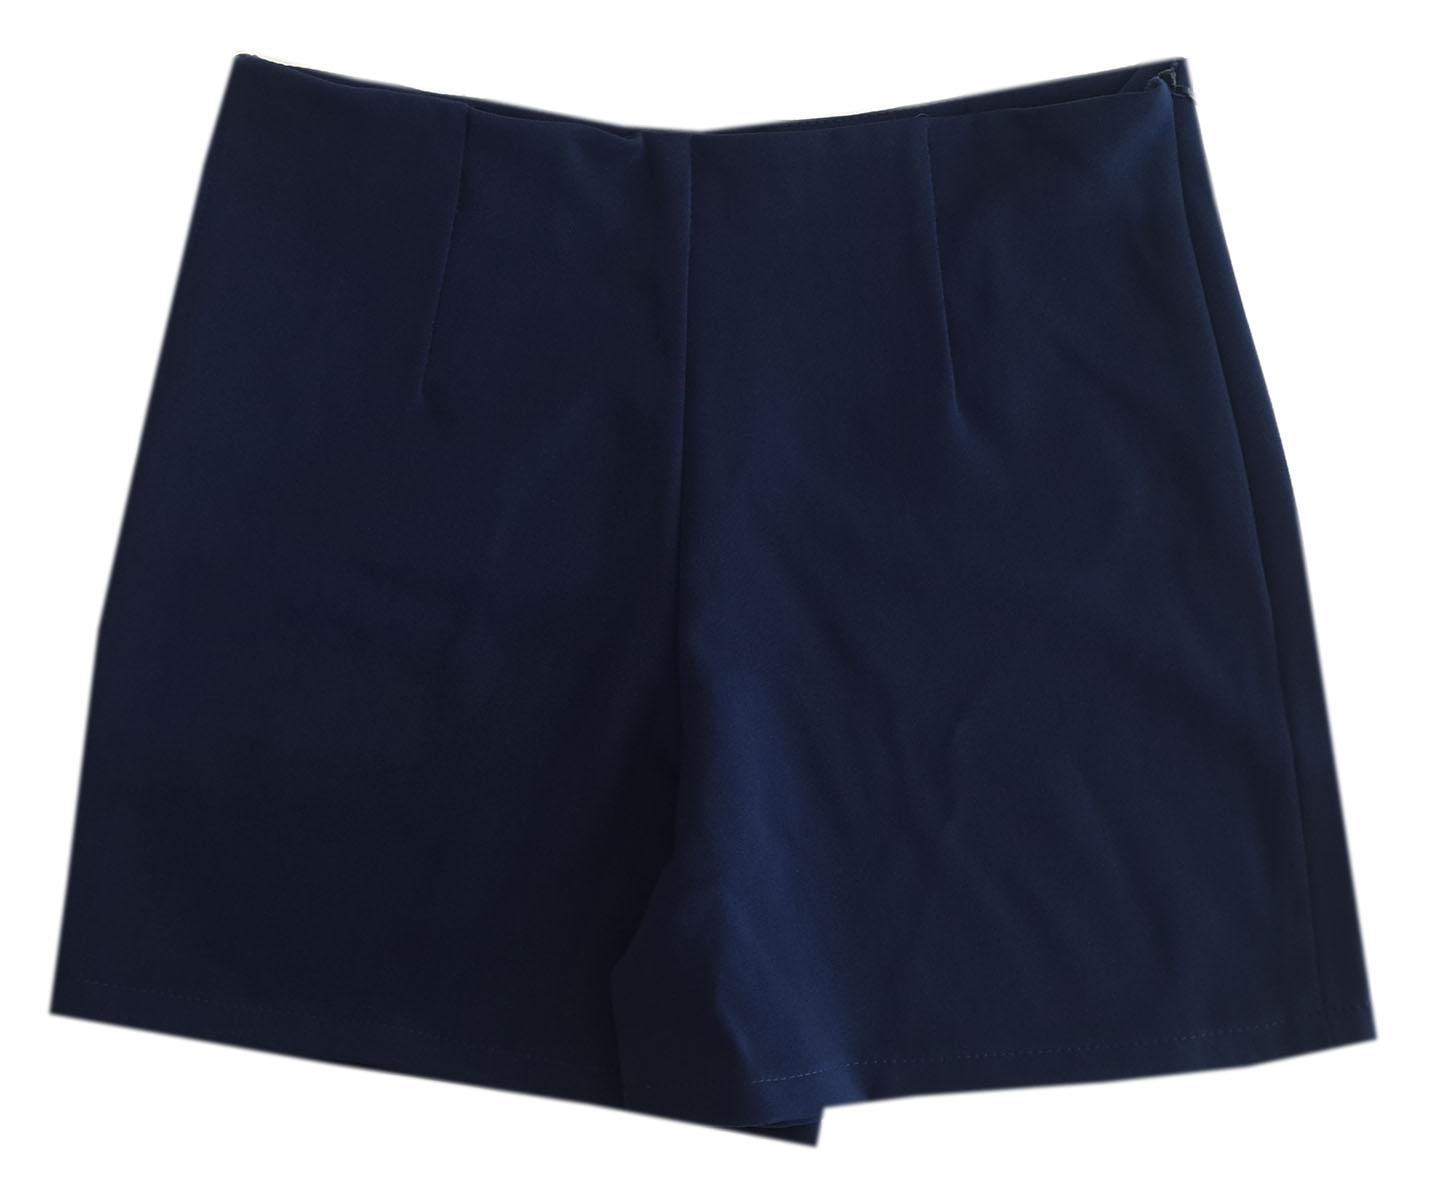 กางเกงขาสั้นเอวสูงขอบเรียบผ้าฮานาโกะ ซิปซ้าย กระเป๋าขวา สีกรม Size S M L XL